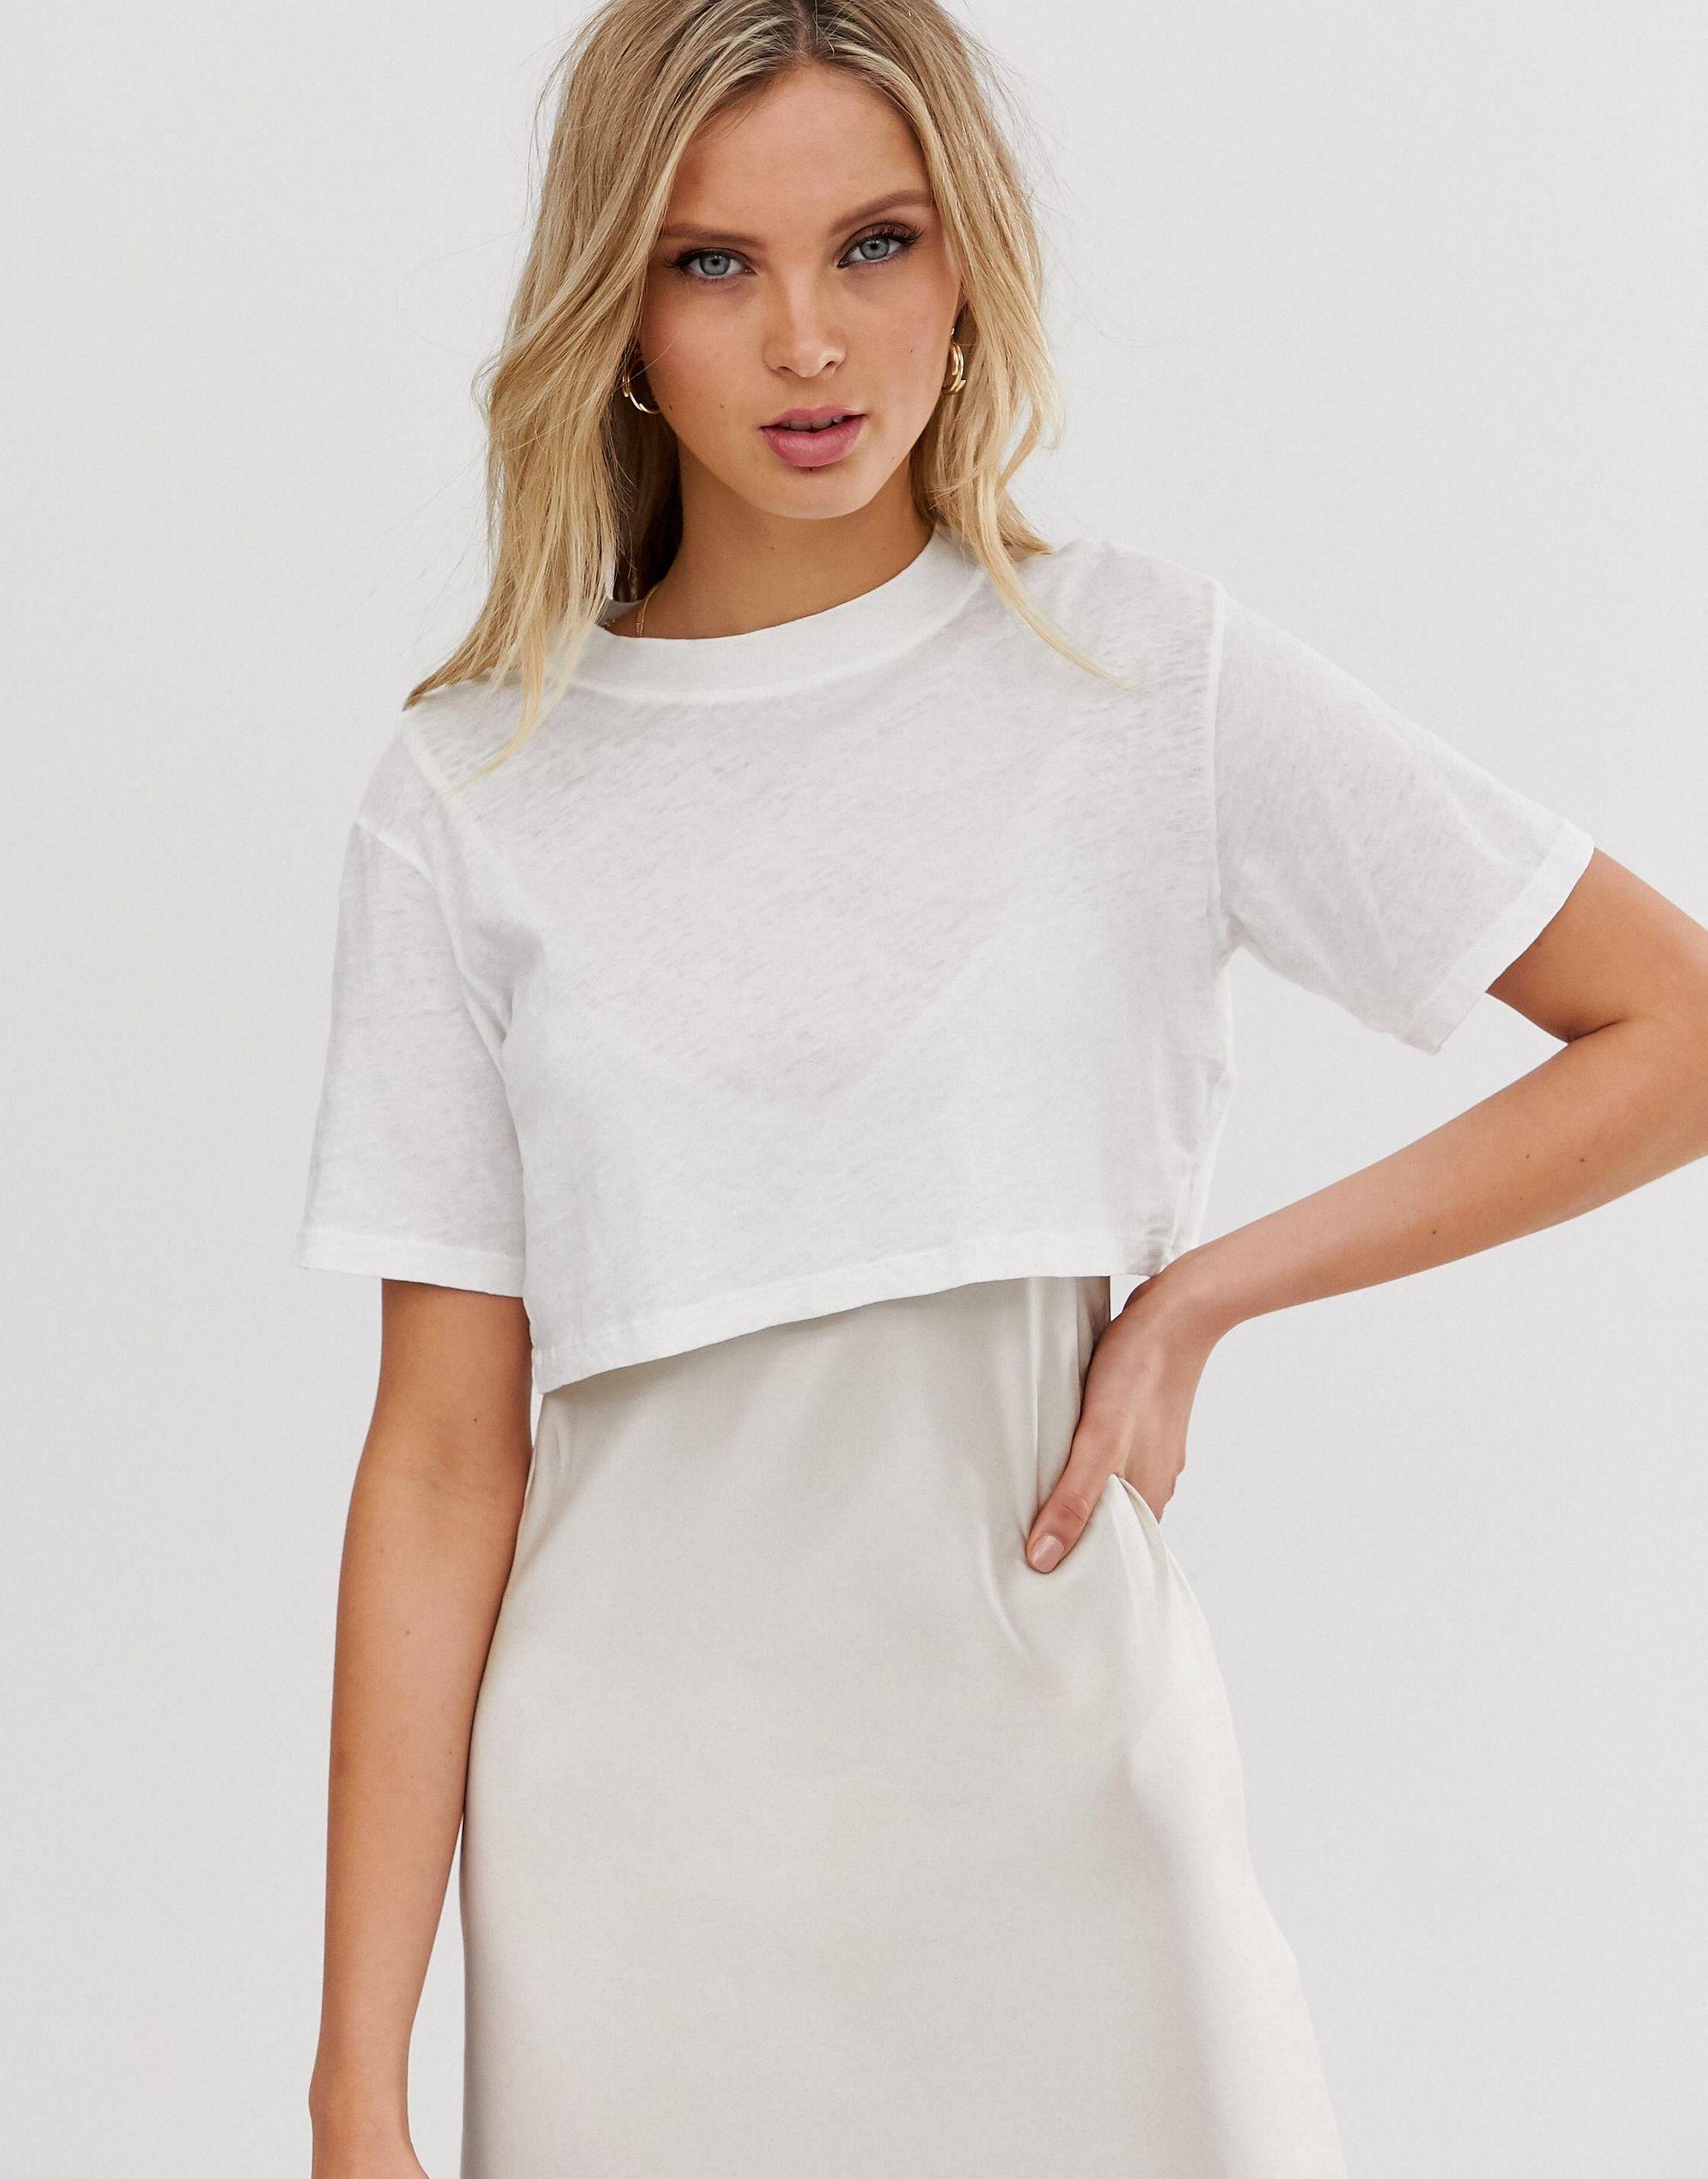 Benno - Robe t-shirt mi-longue à enfiler Cuir AllSaints en coloris Blanc